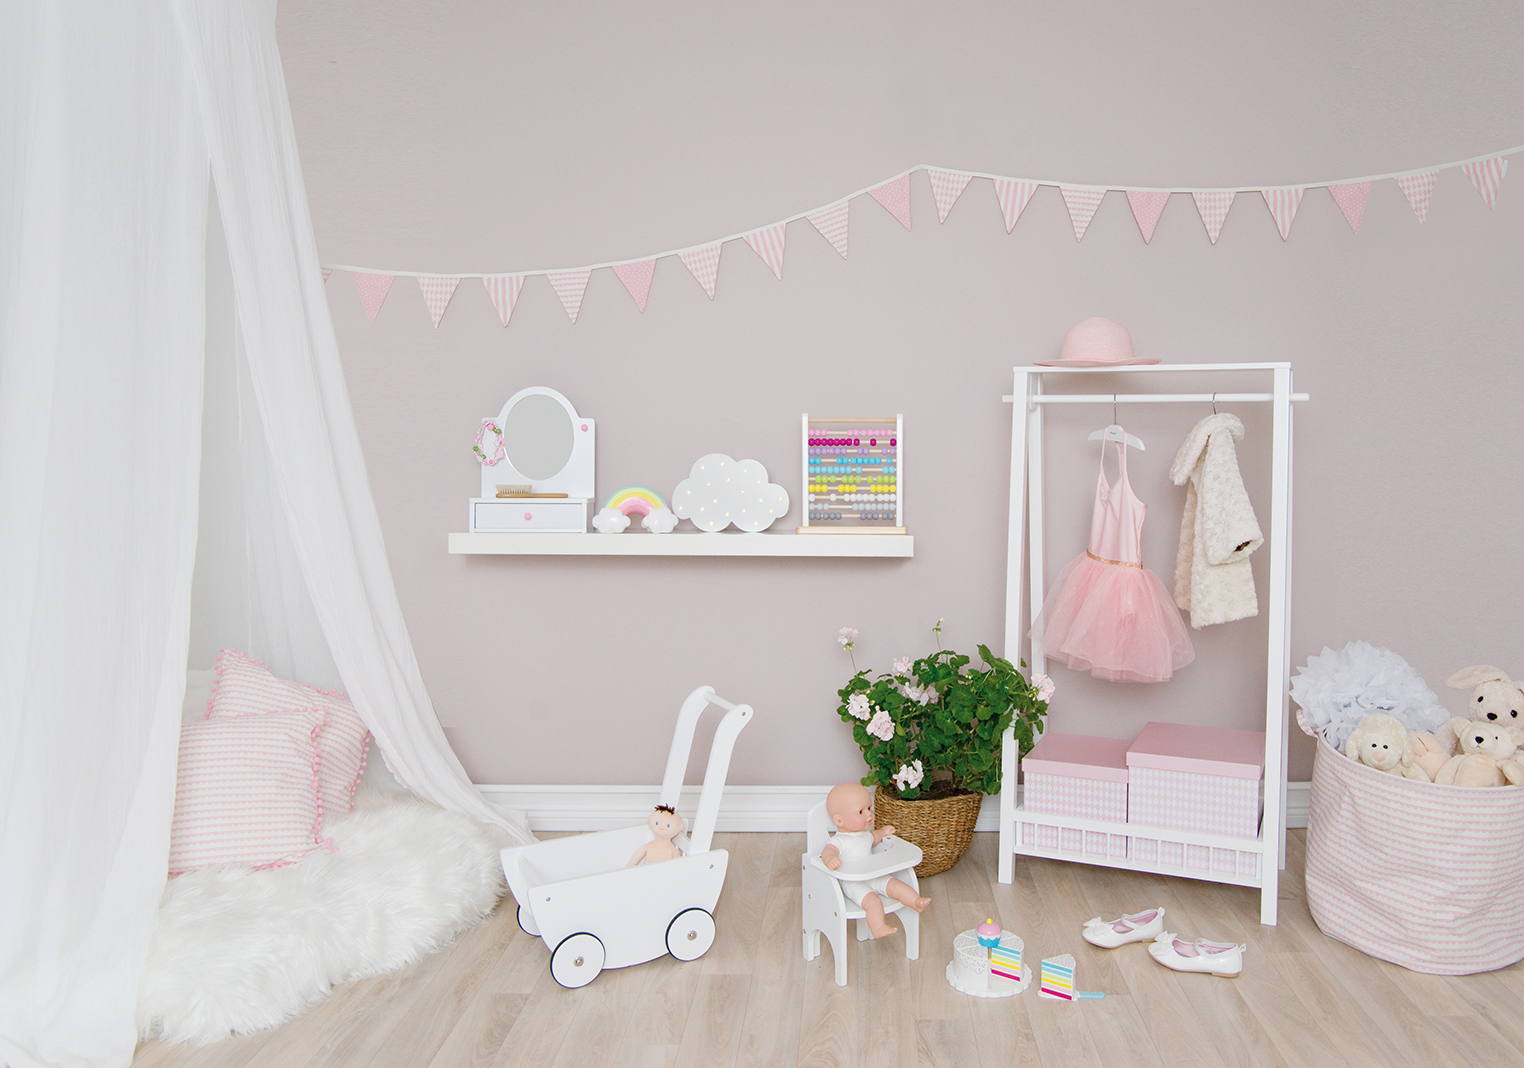 Miljöbild Rosa Rum - Wieszak na ubrania do pokoju dziecka